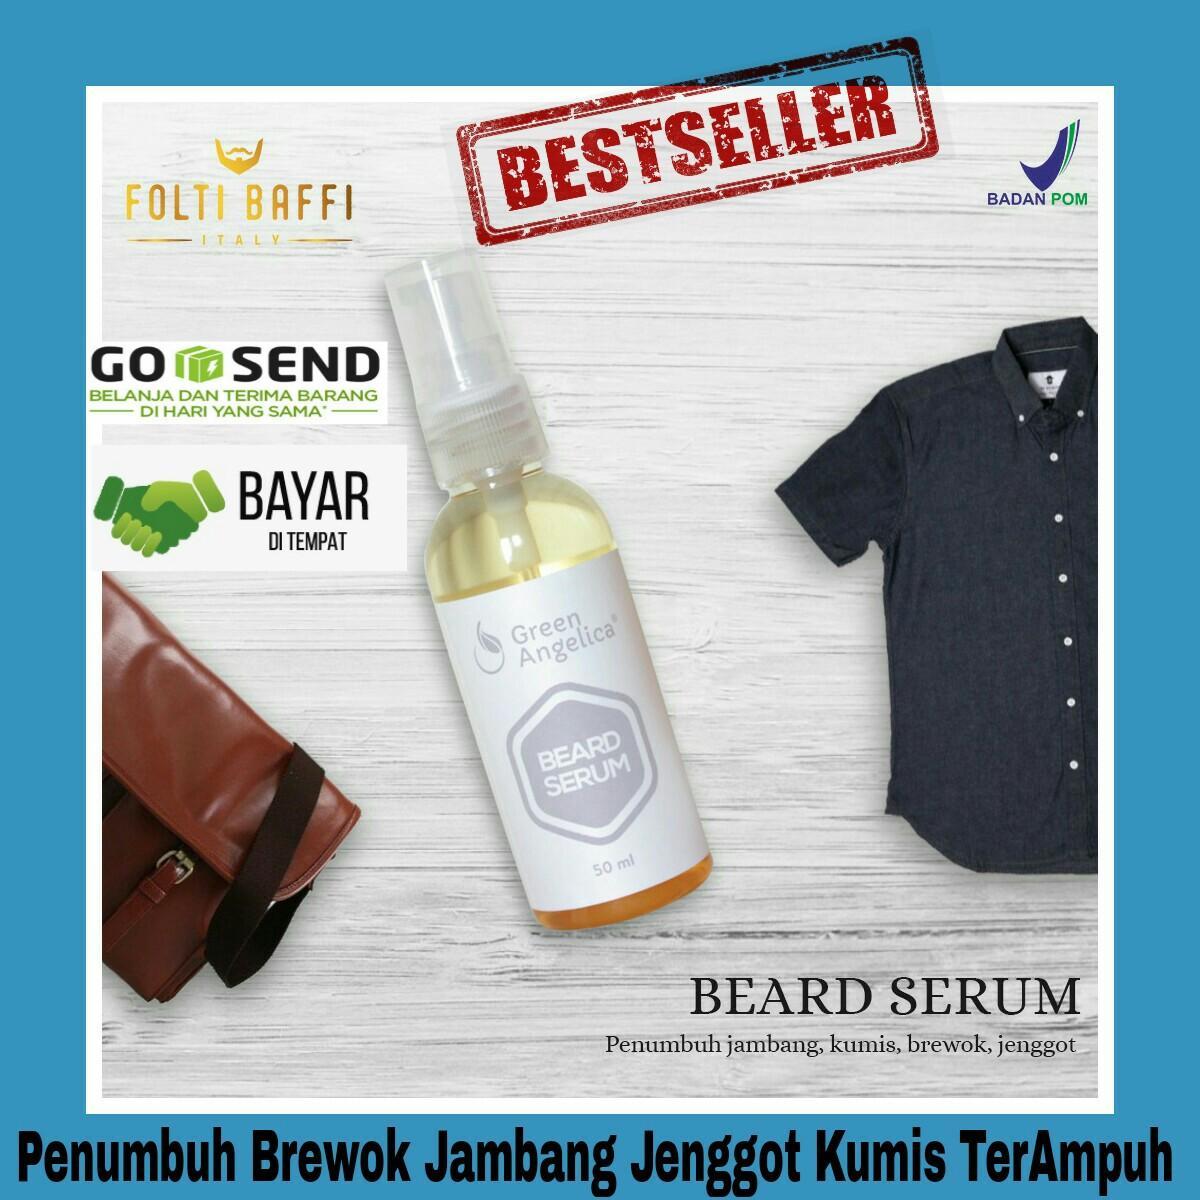 Beard Serum Penumbuh Brewok Jambang Jenggot Kumis & Penebal Alis Ampuh ASLI BPOM